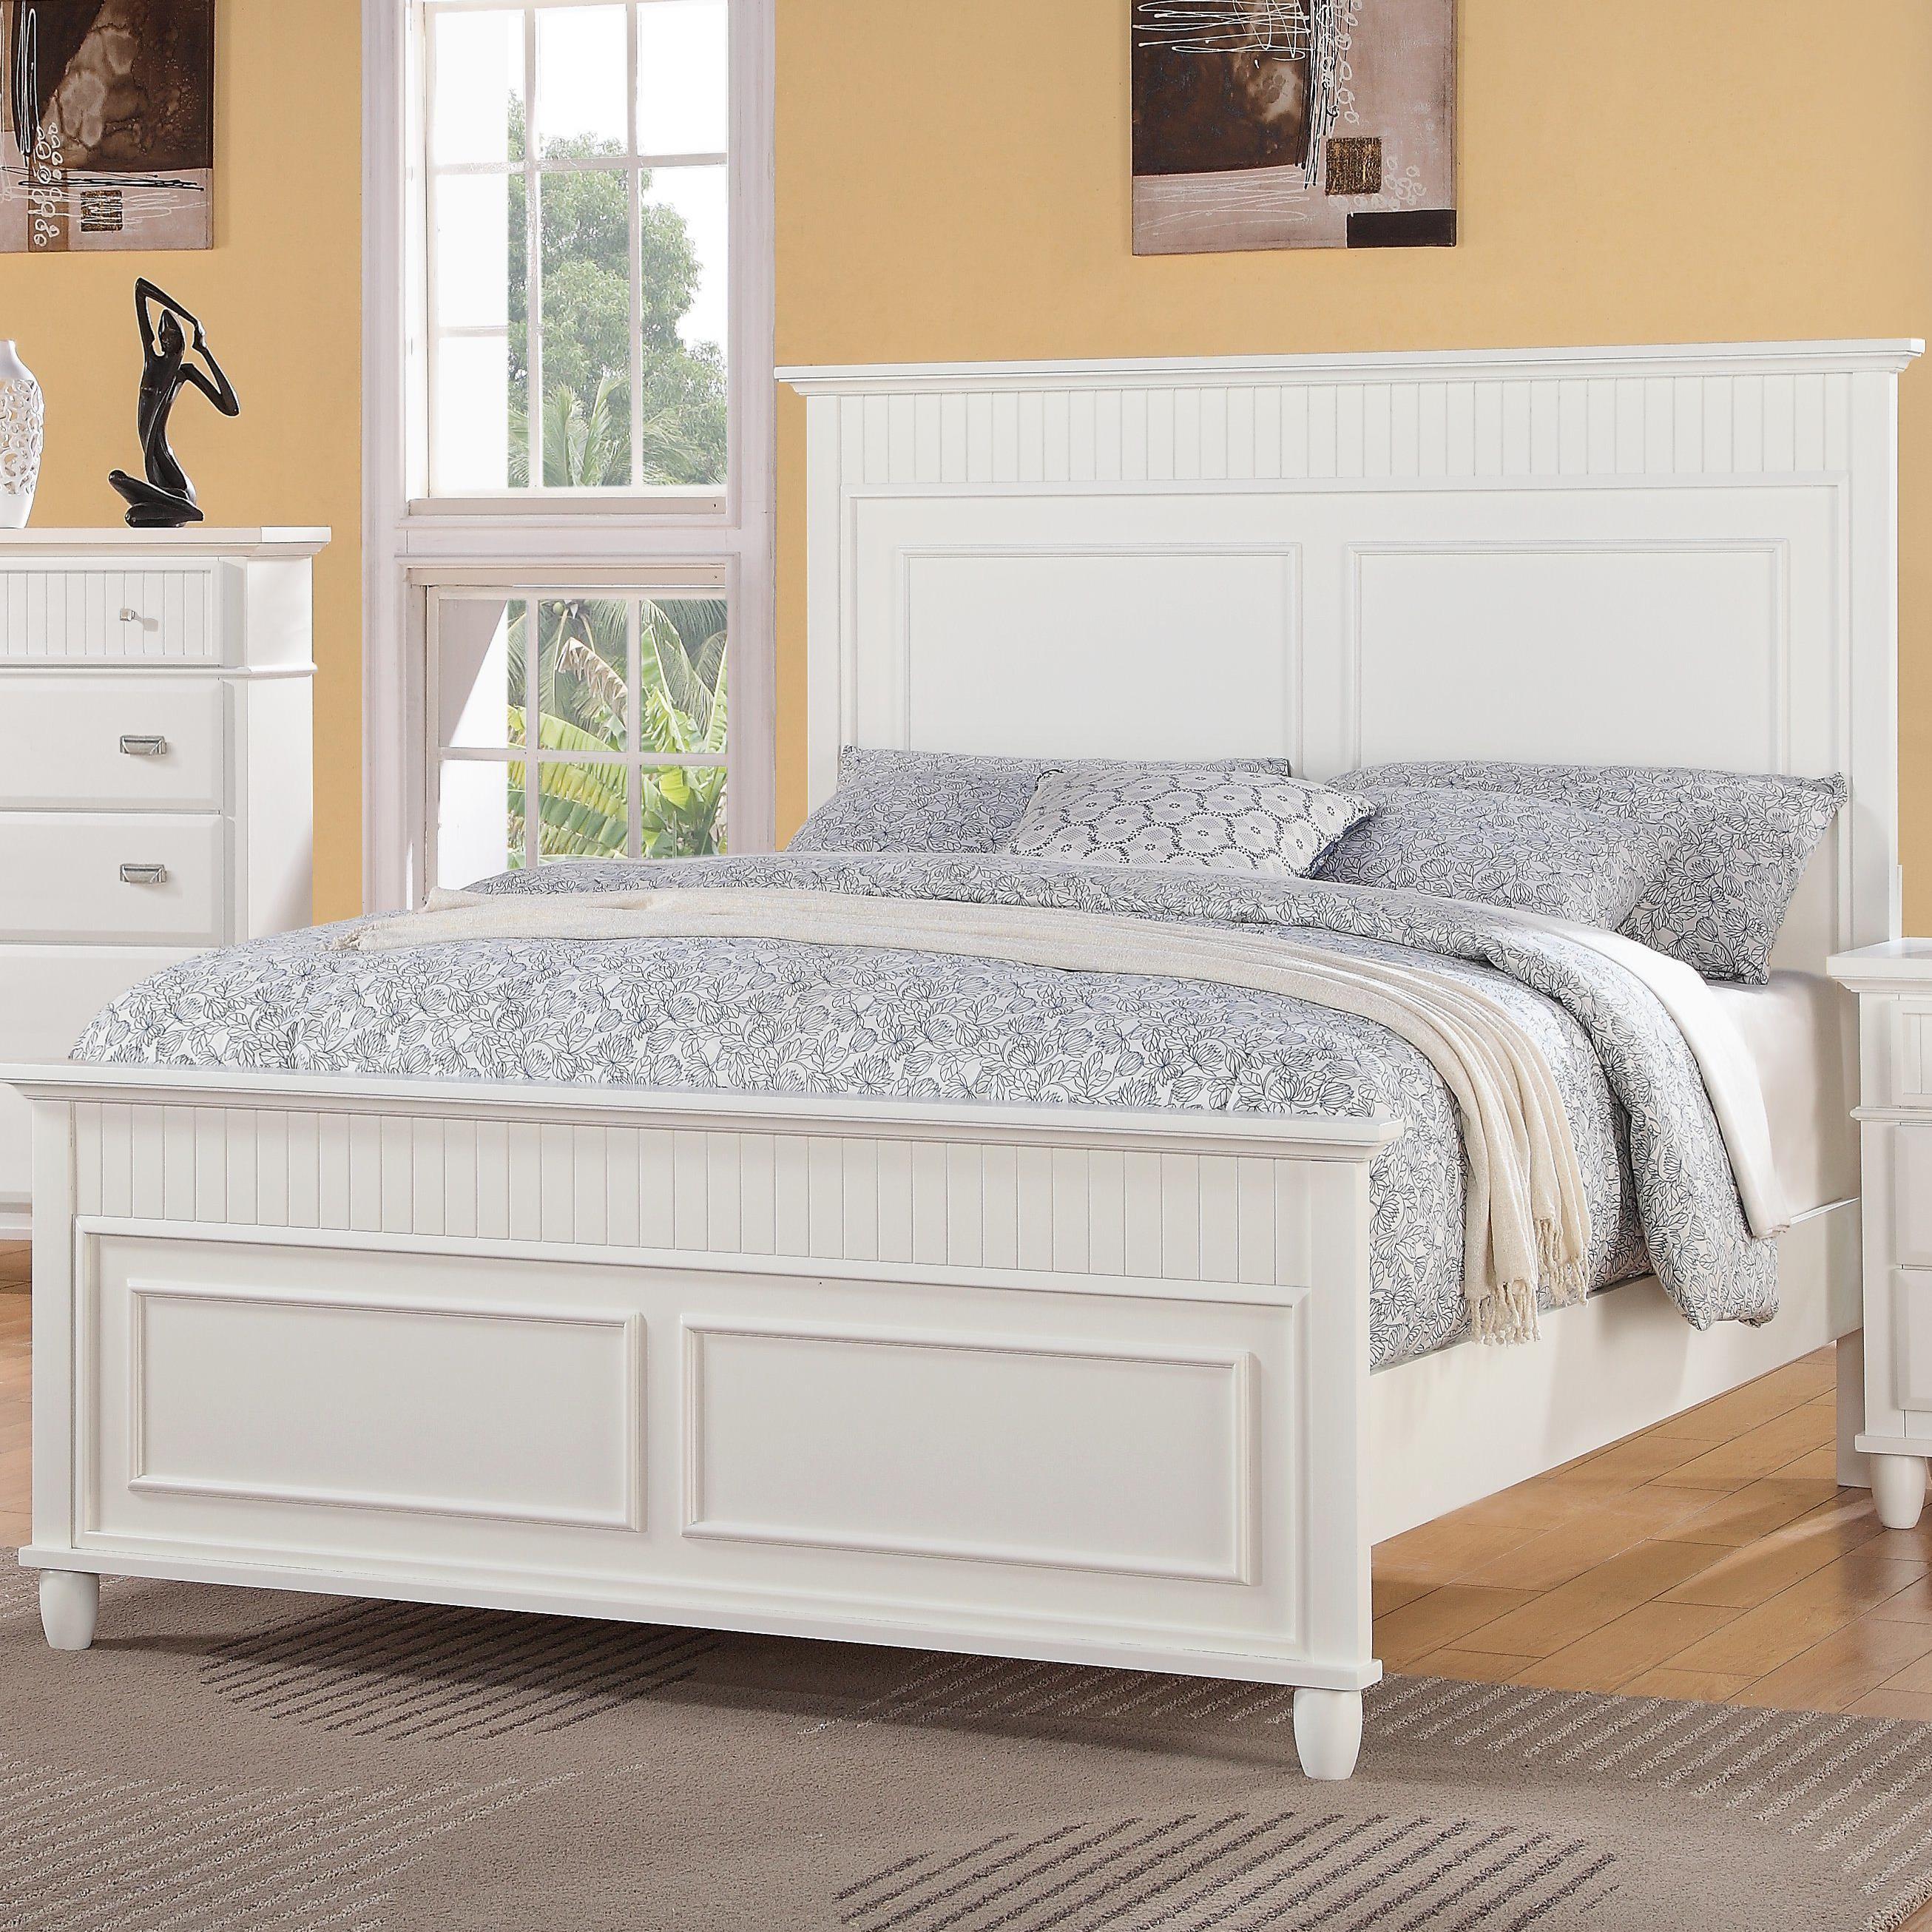 Queen Panel Wood Bed